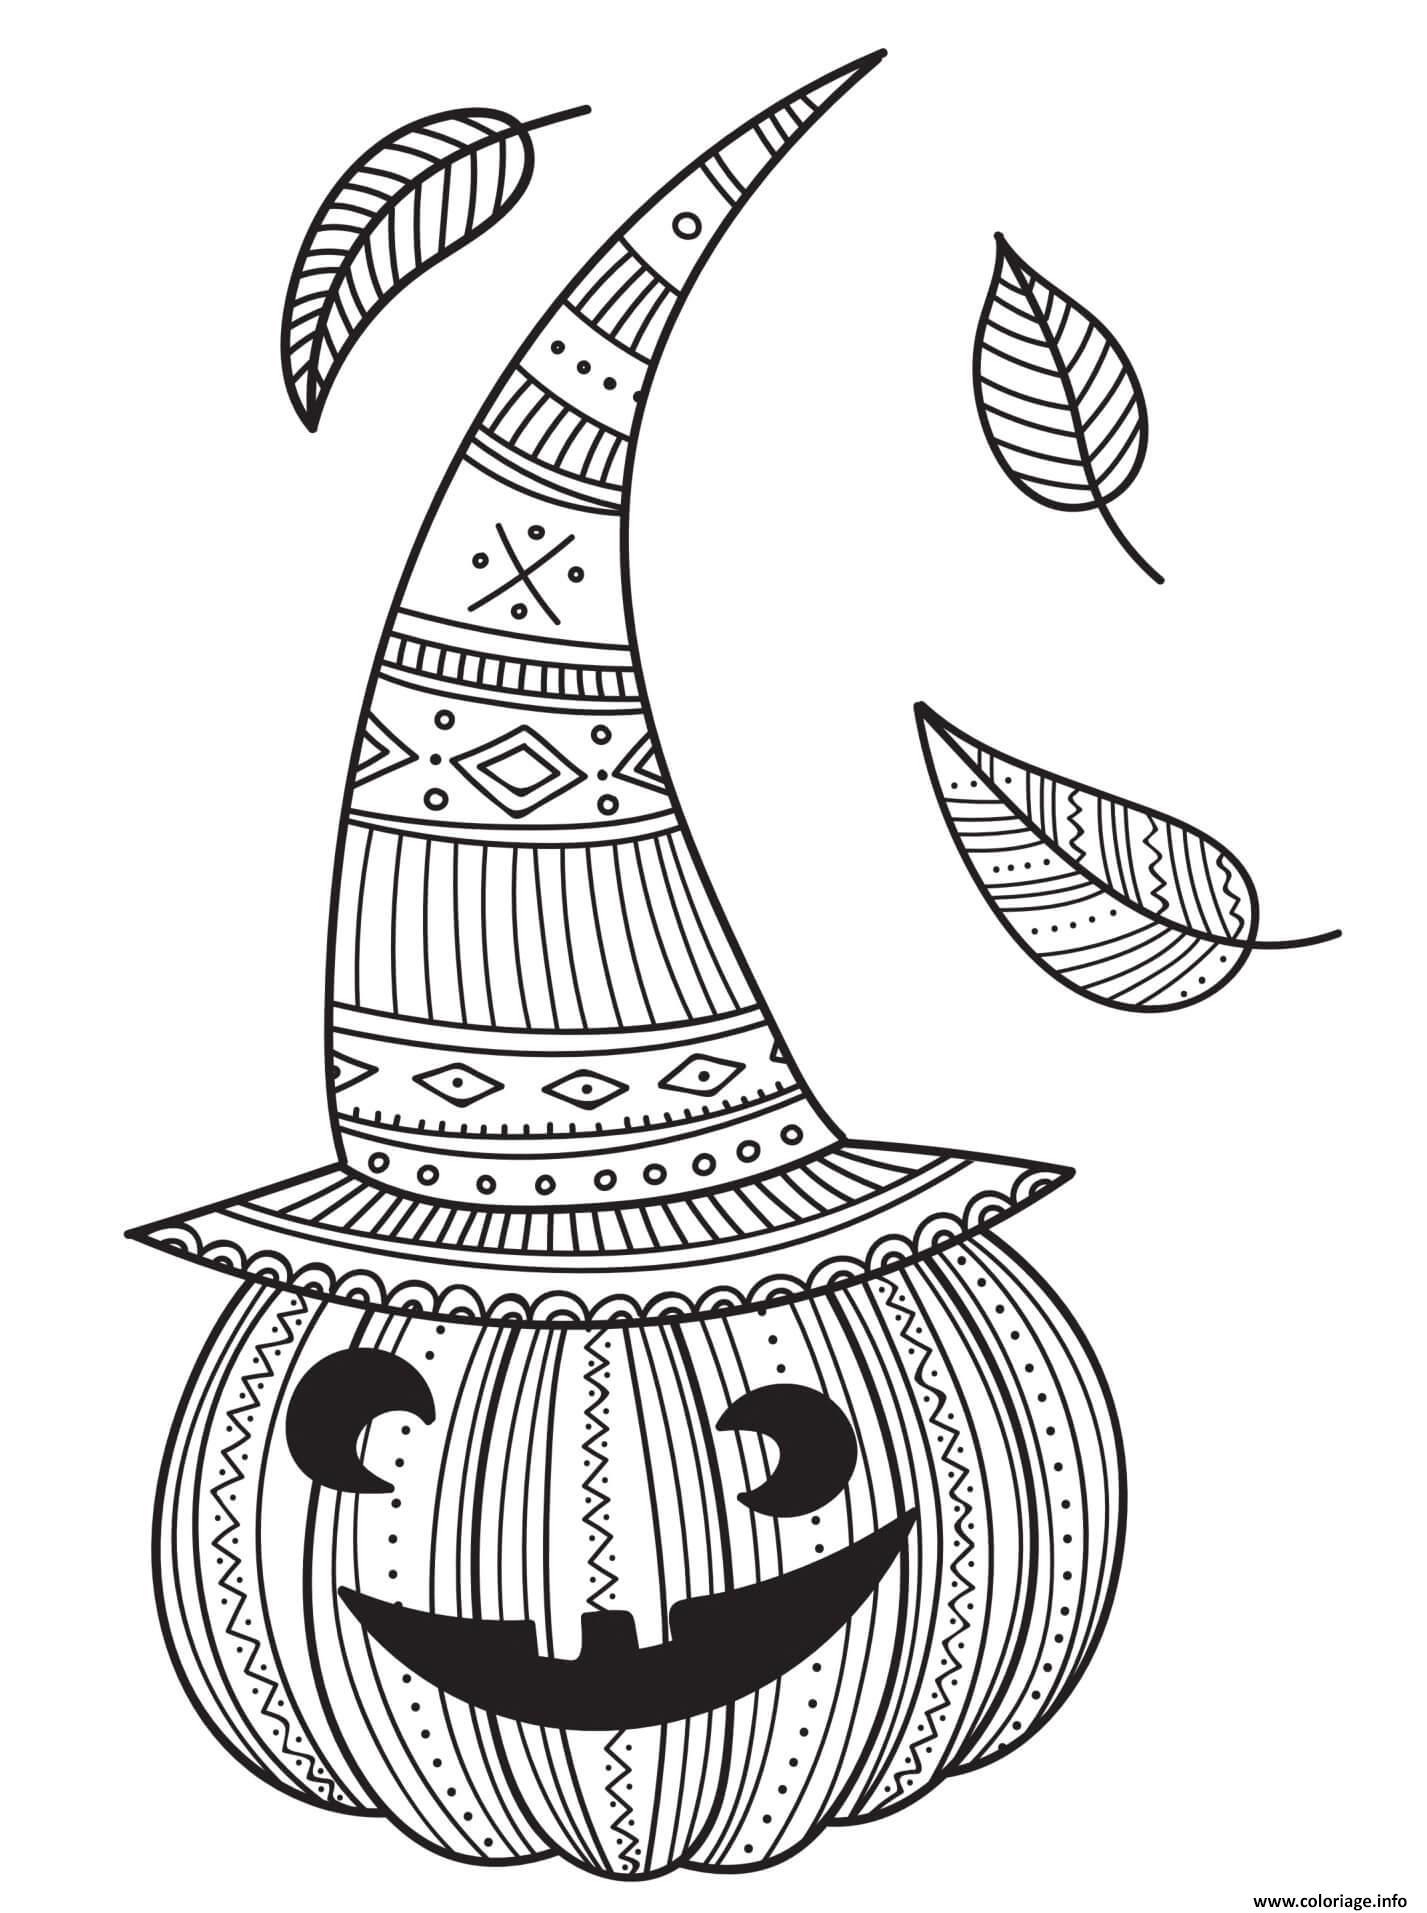 Dessin citrouille avec chapeau de sorciere et feuilles d automne Coloriage Gratuit à Imprimer